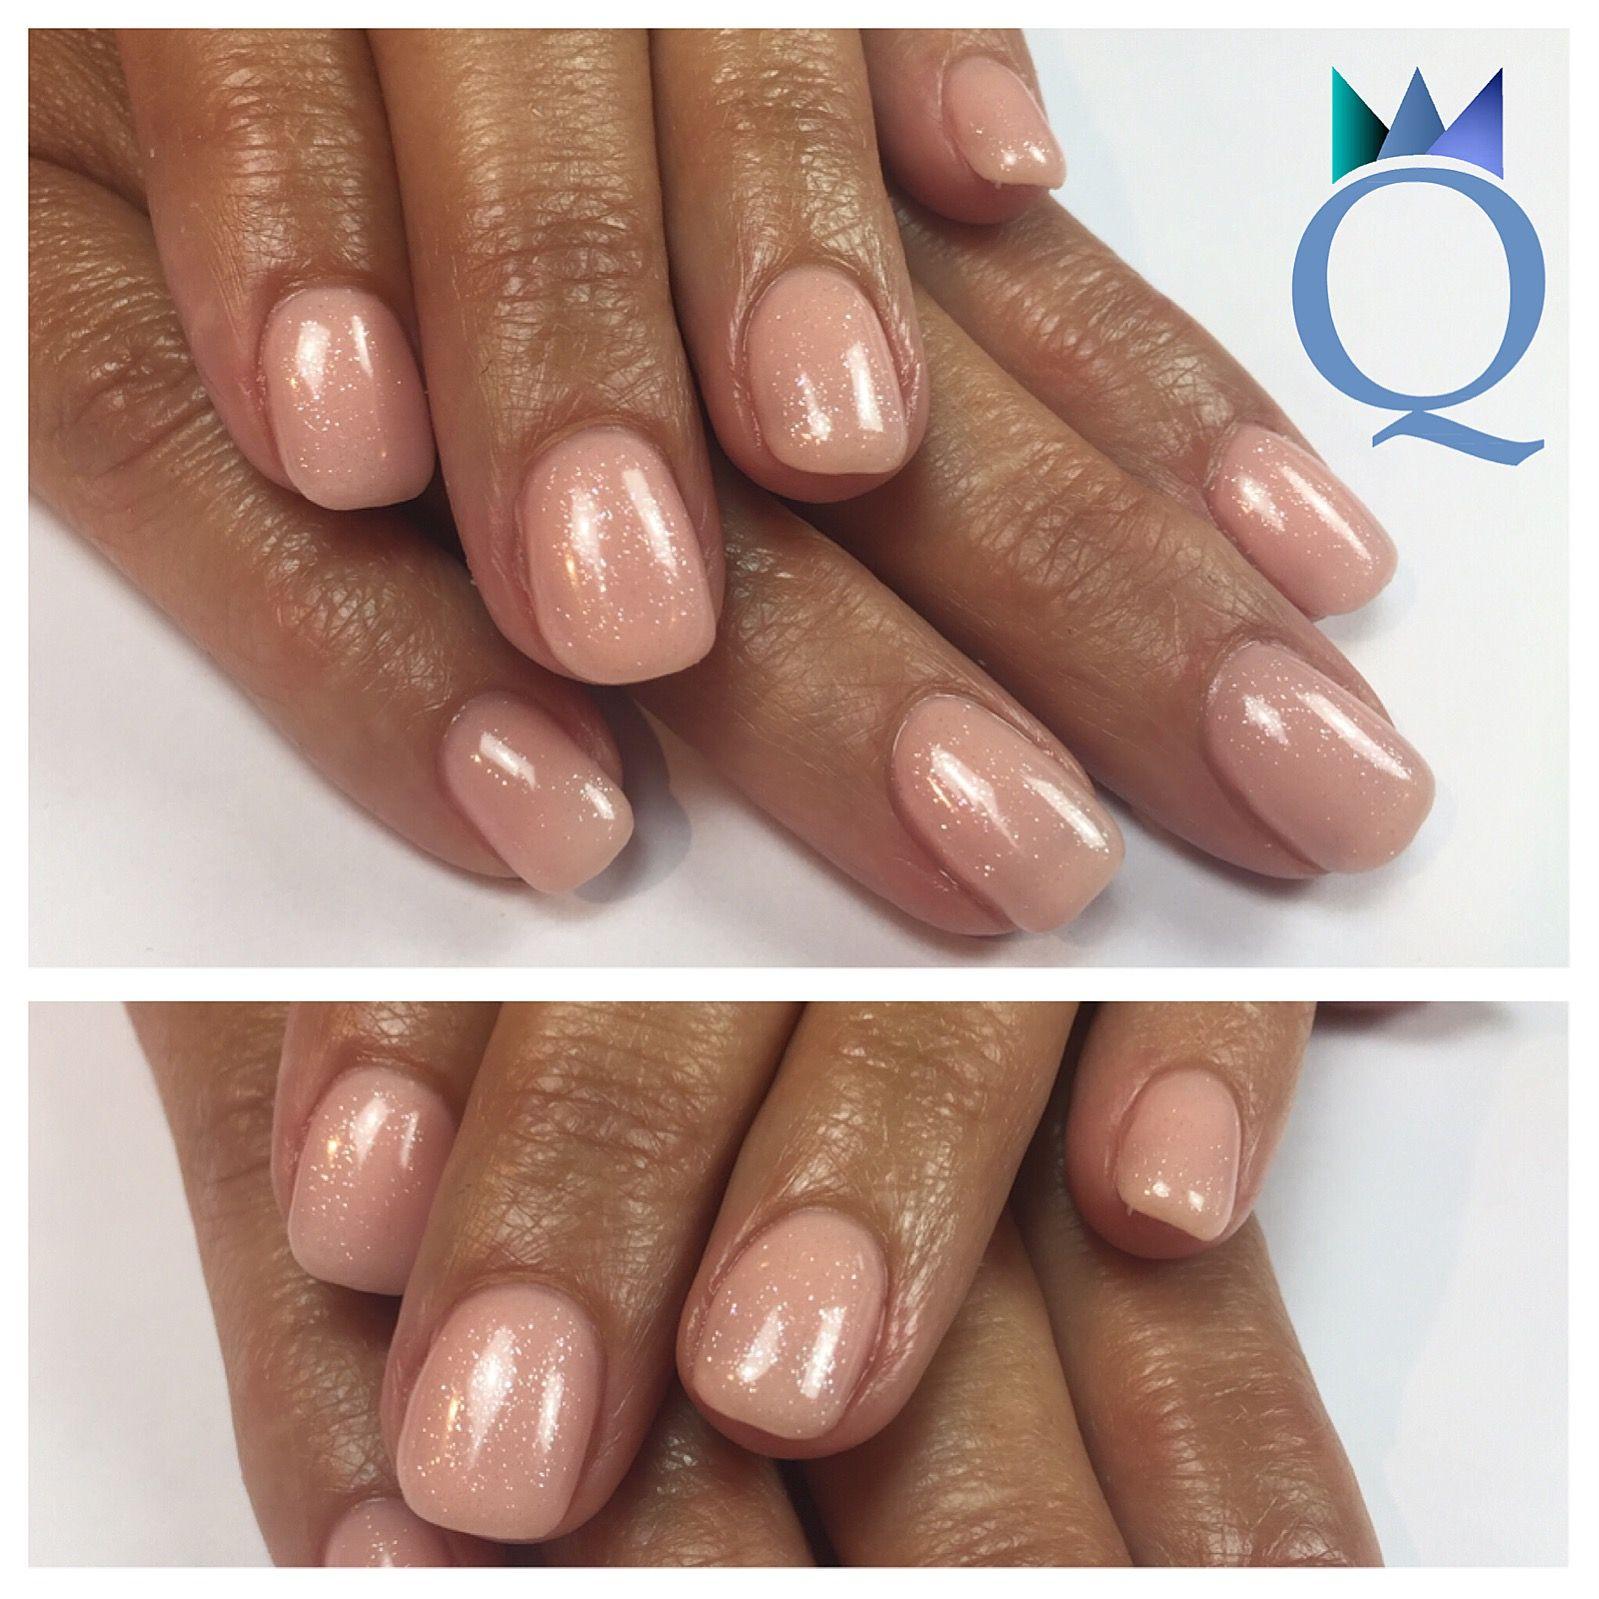 shortnails #gelnails #nails #nude #glitter #kurzenägel #gelnägel ...